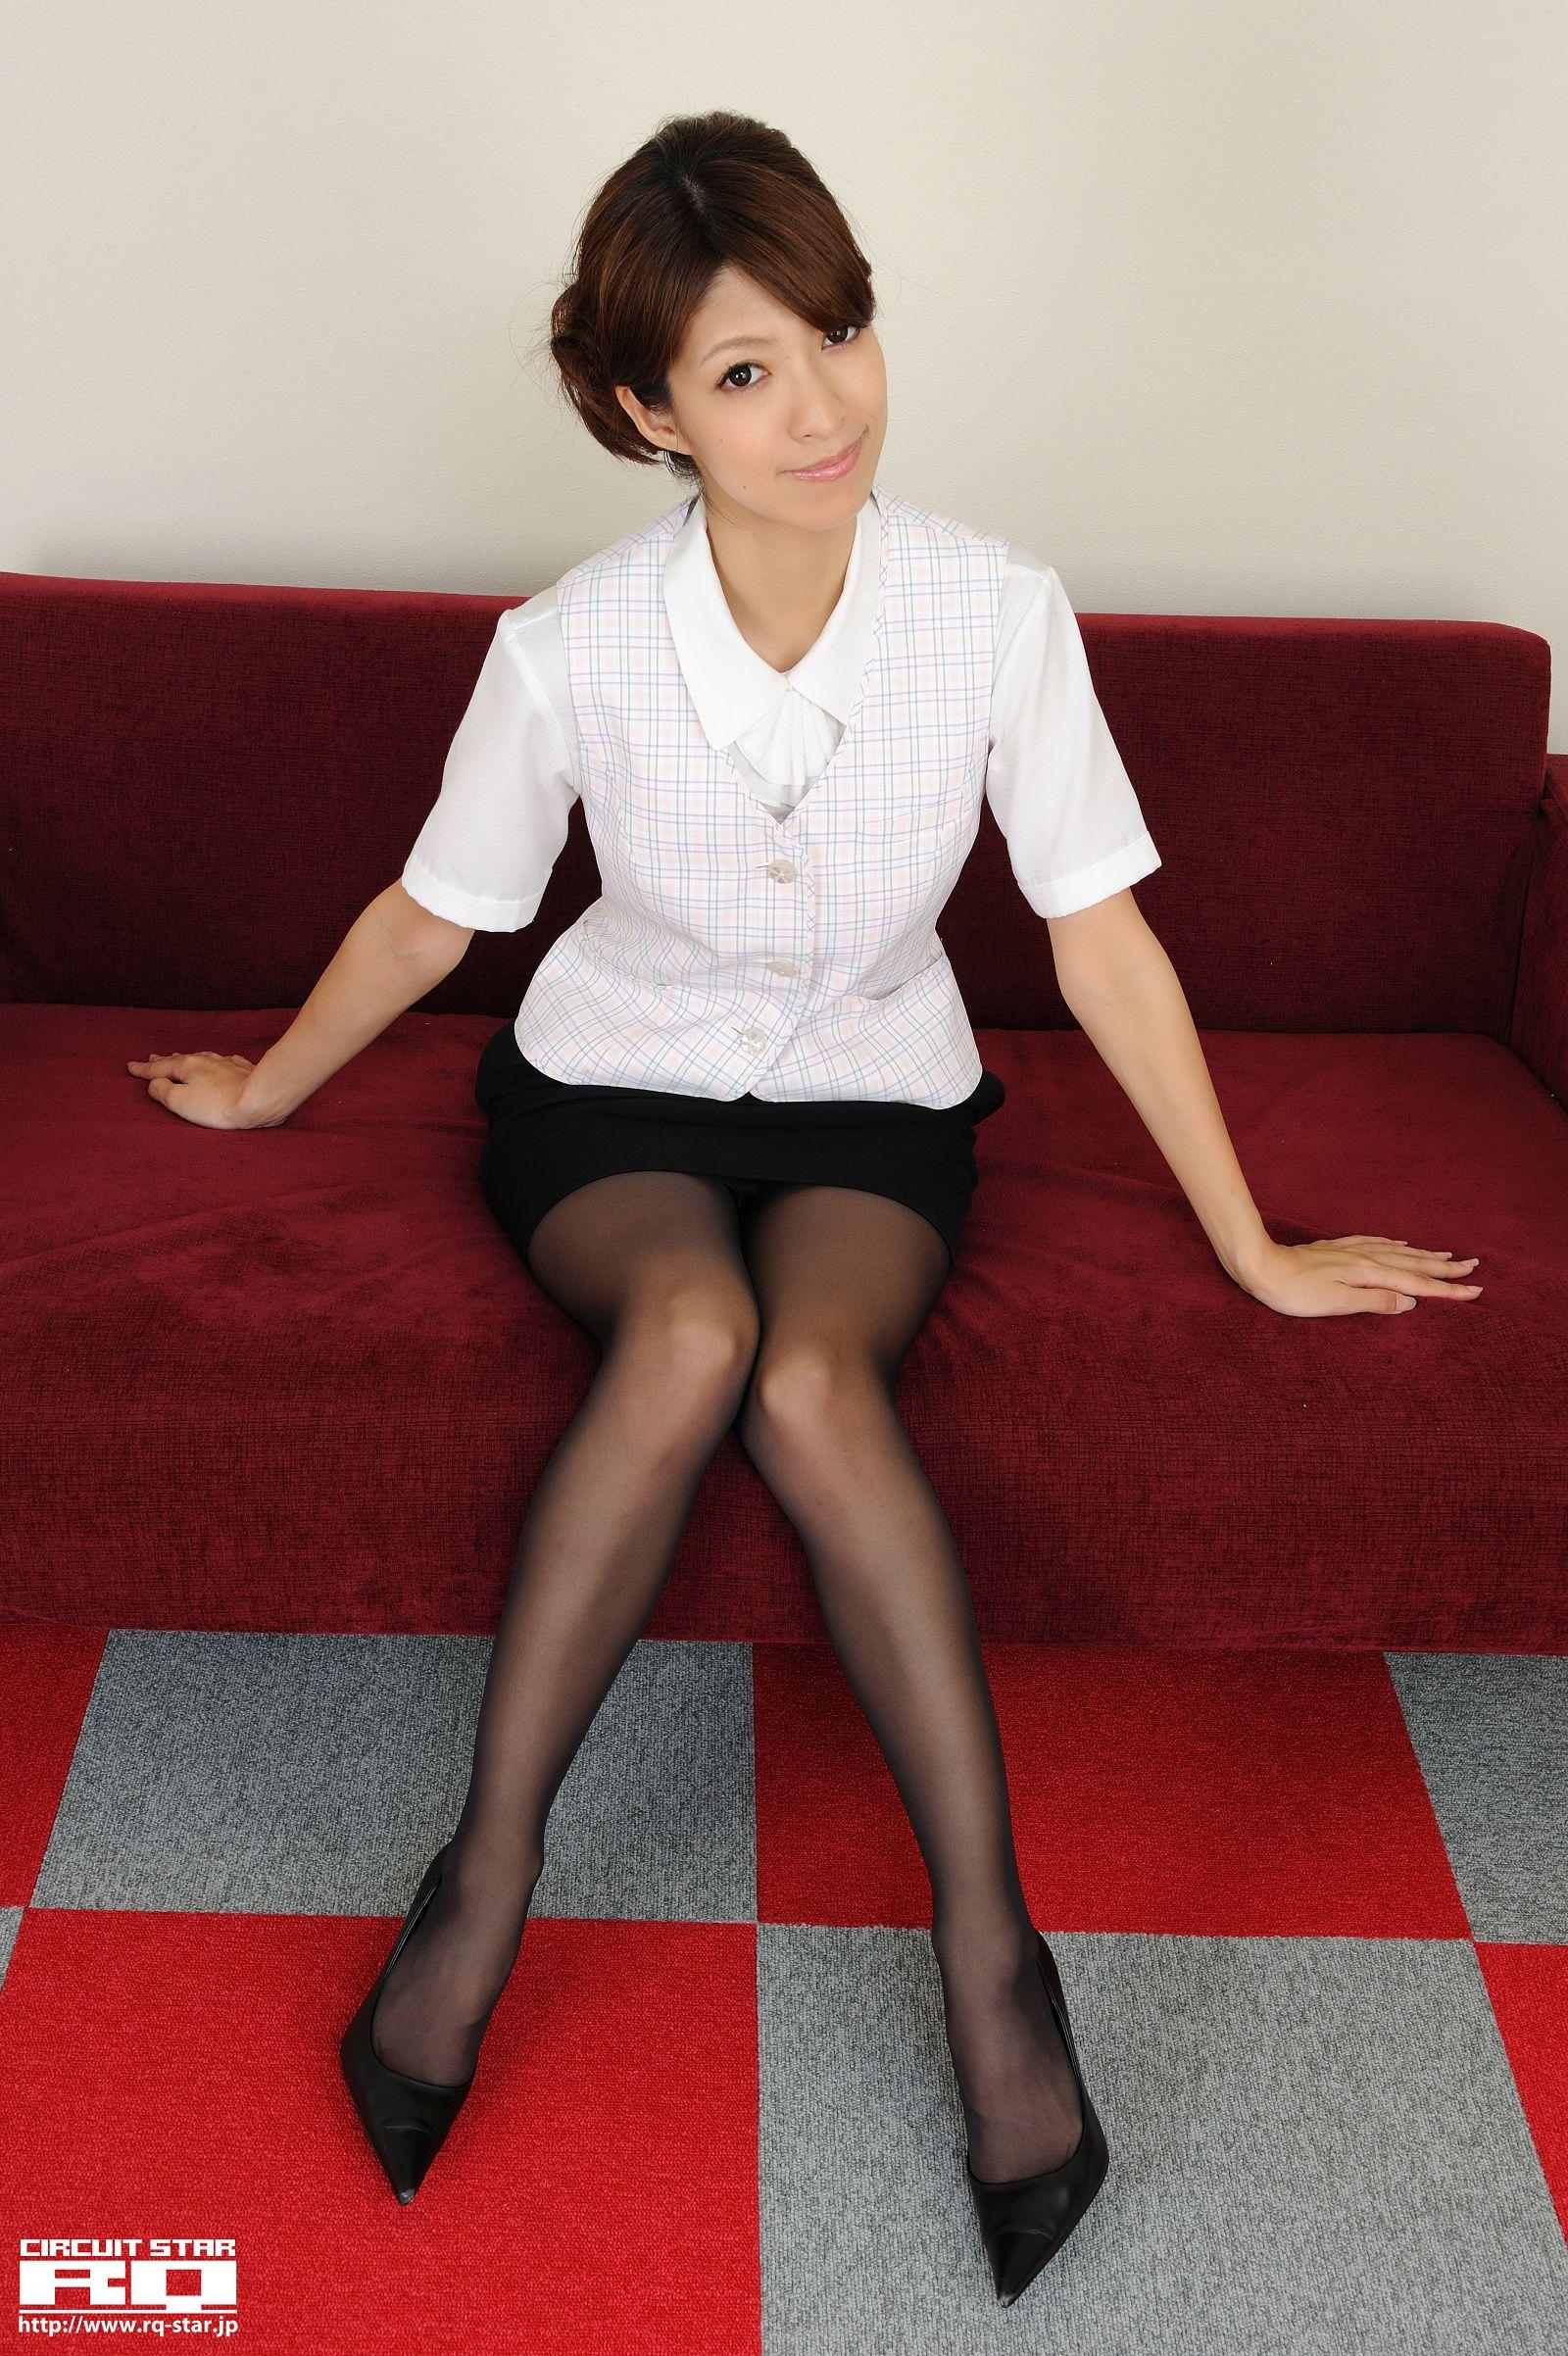 [RQ STAR美女] NO.00551 Ako Kurosaki 椁ⅳ[111P] RQ STAR 第1张